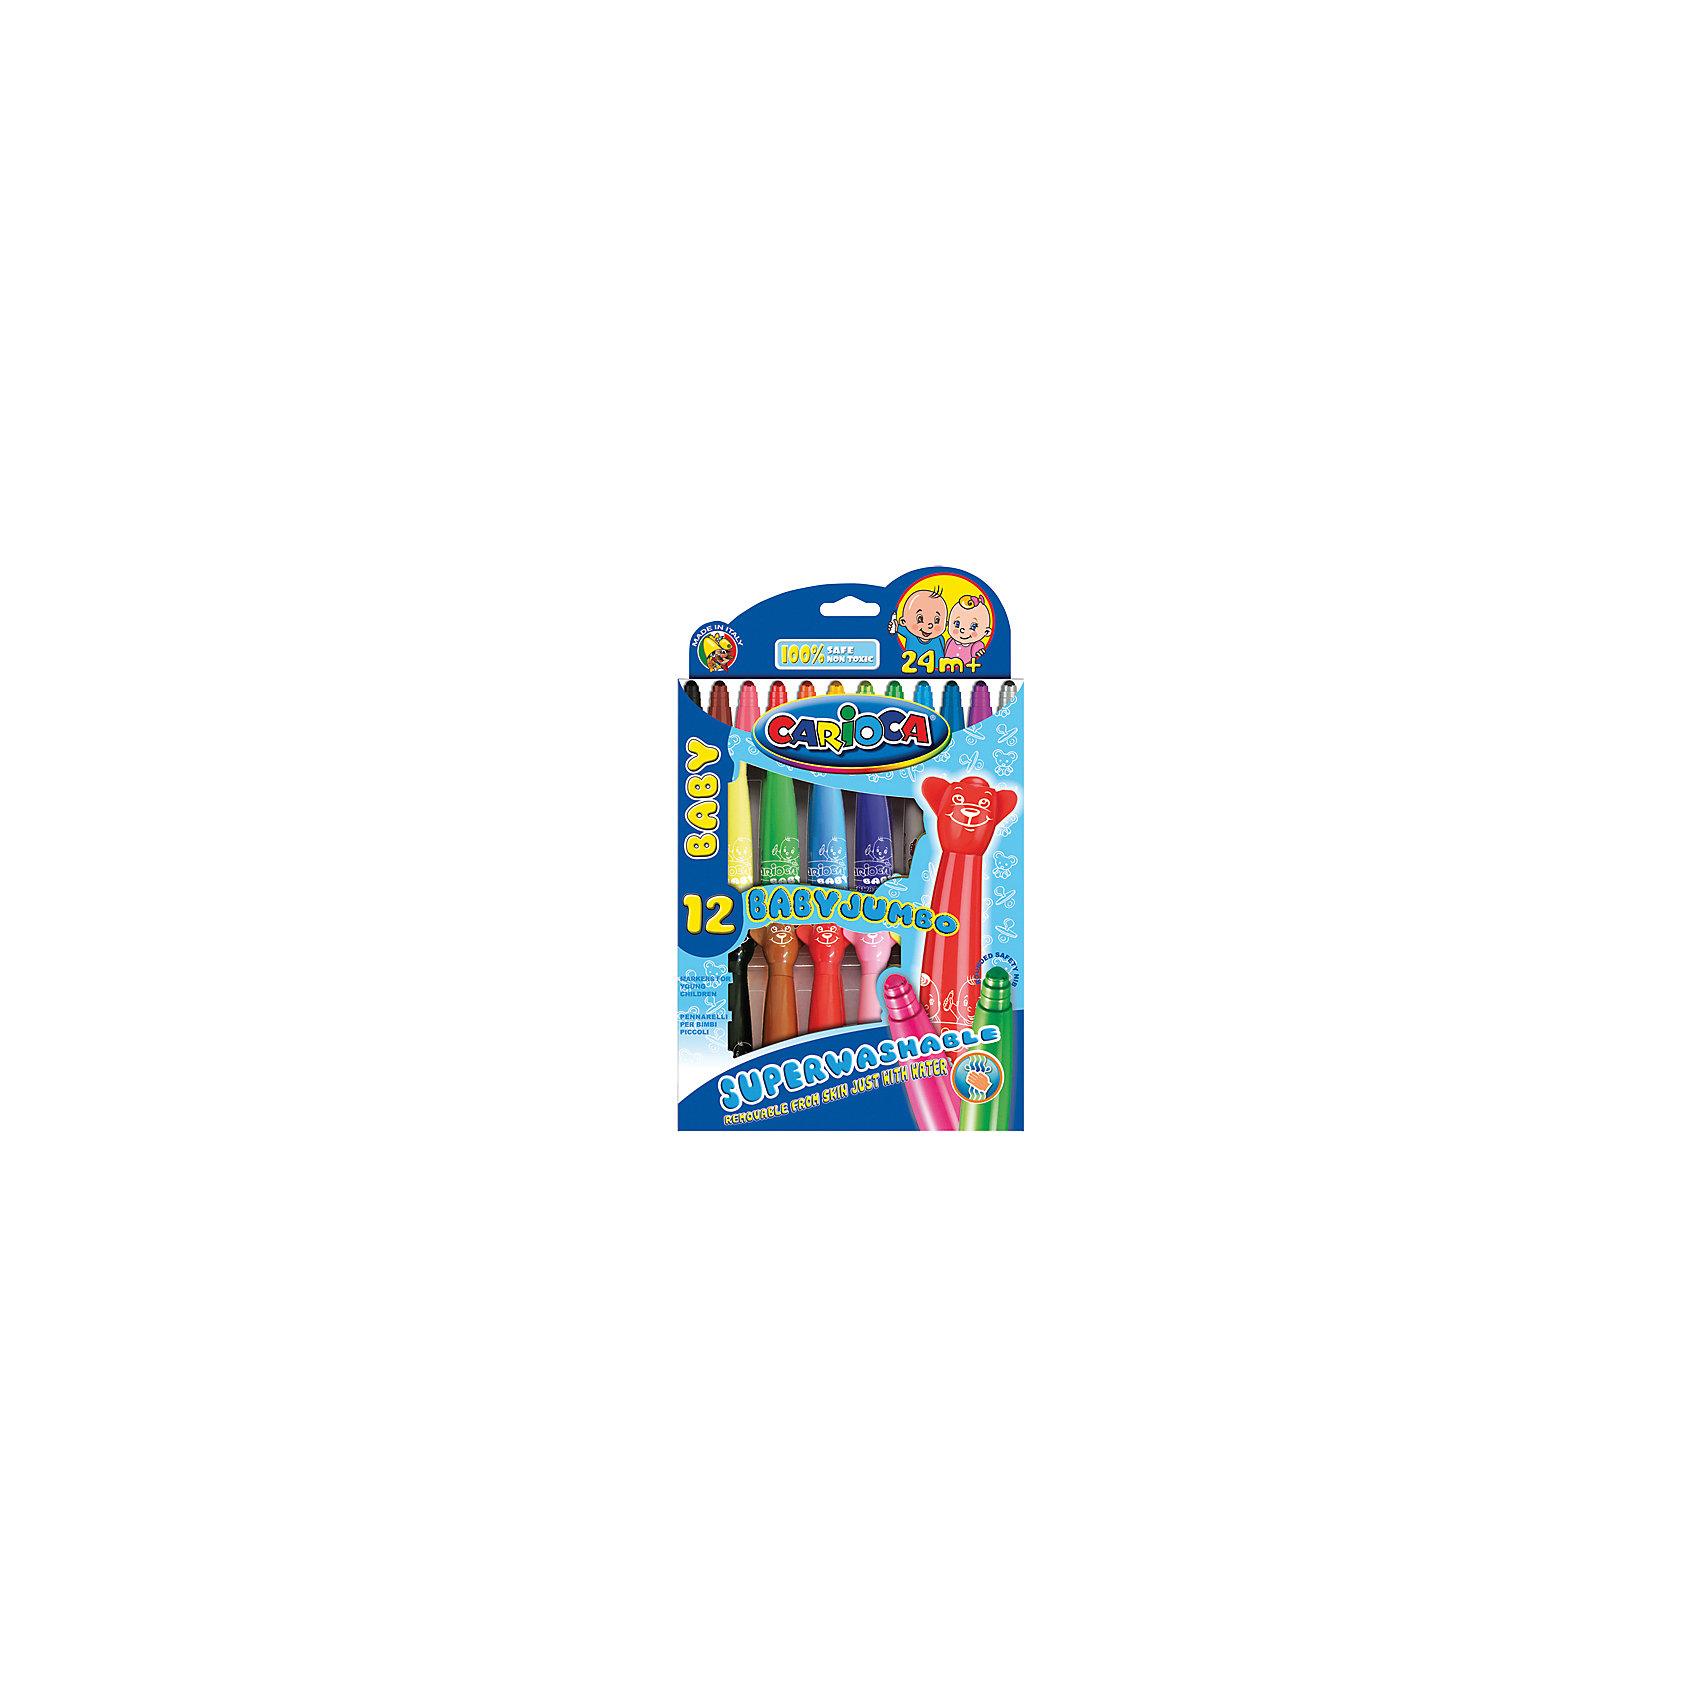 CARIOCA Набор фломастеров BABY JUMBOФломастеры<br>Детские фломастеры с прекрасно смываемыми простой водой чернилами, стержень не вдавливается, утолщенный корпус удобно держать в маленькой ручке. Вентилируемый безопасный фигурный колпачок. Диаметр наконечника 3 мм. 12 цветов. Для детей от года<br><br>Ширина мм: 190<br>Глубина мм: 160<br>Высота мм: 20<br>Вес г: 204<br>Возраст от месяцев: 36<br>Возраст до месяцев: 168<br>Пол: Унисекс<br>Возраст: Детский<br>SKU: 6888682